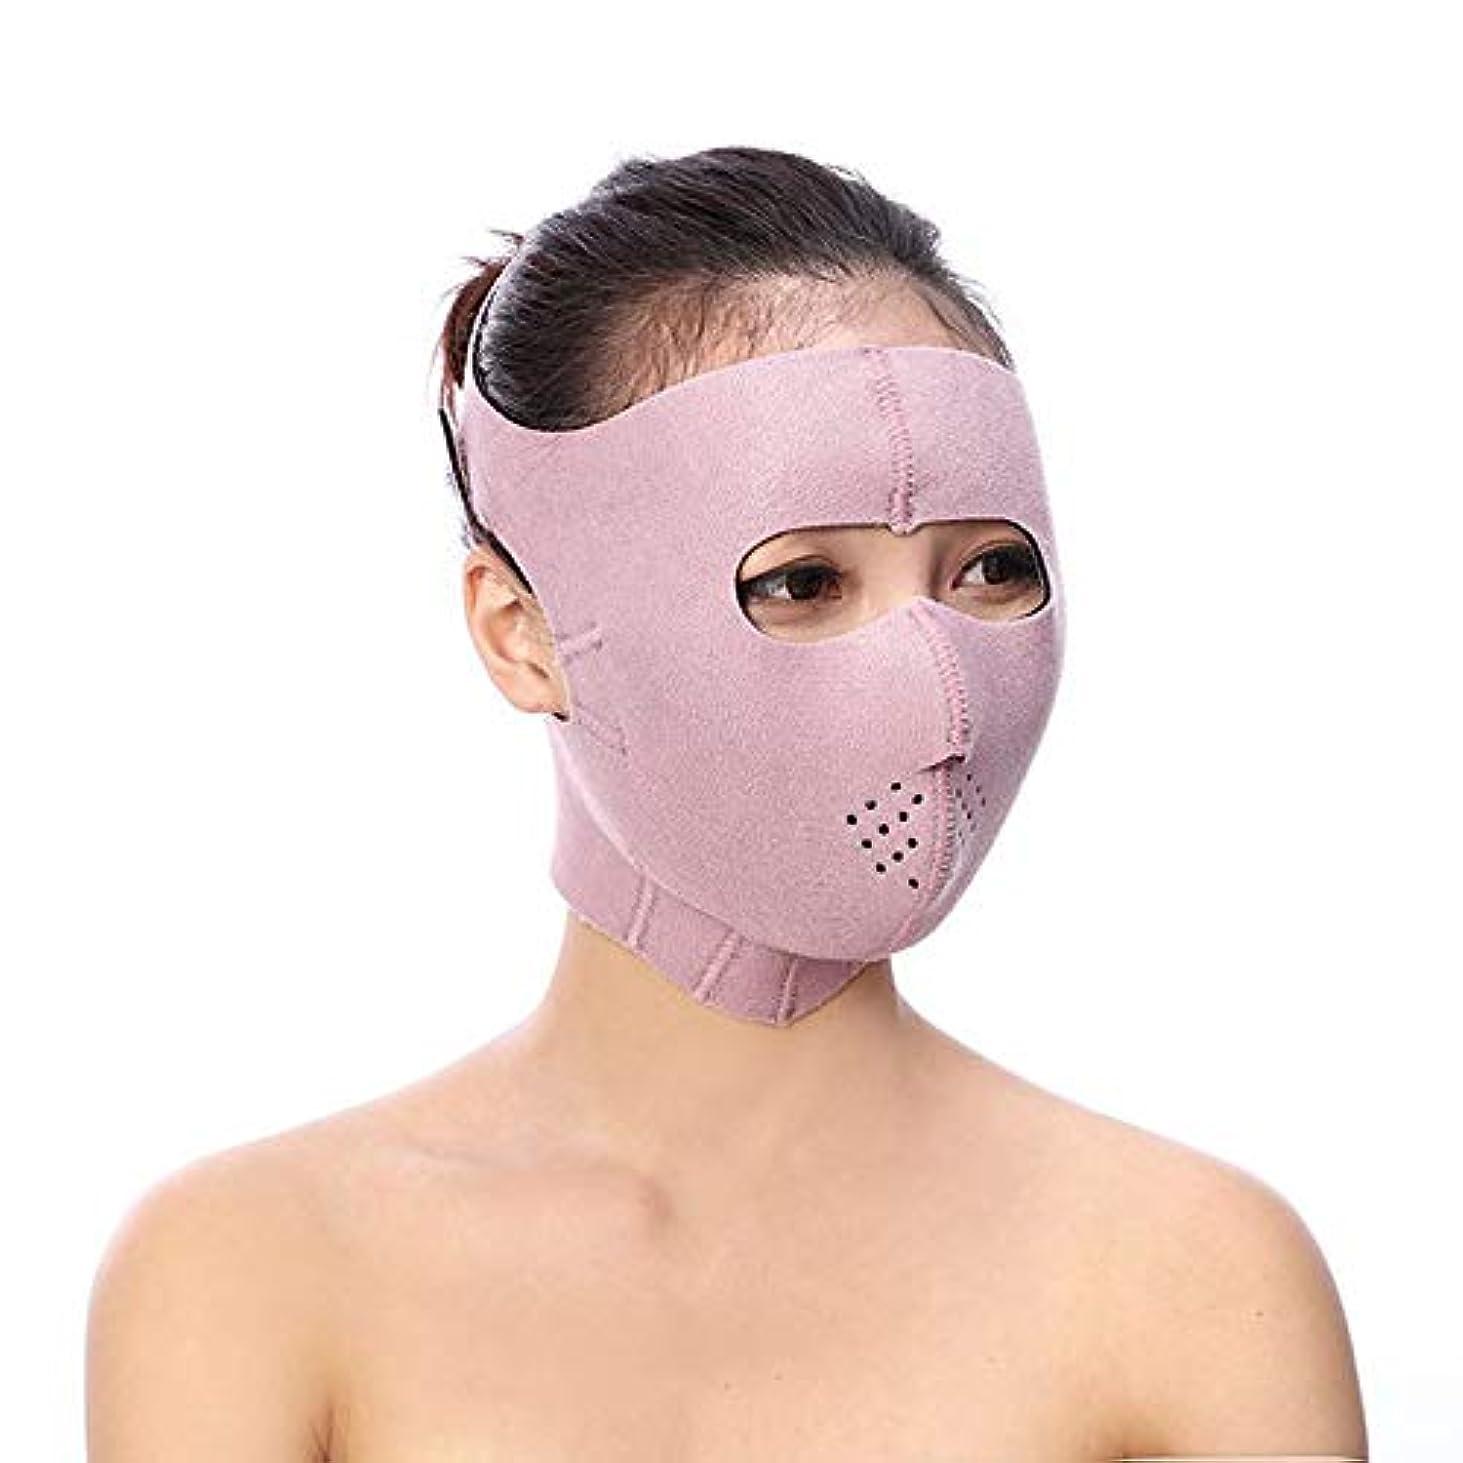 バイバイ最も危険Jia Jia- フェイシャルリフティング痩身ベルト - Vフェイス包帯マスクフェイシャルマッサージャー無料の薄いフェイス包帯整形マスクを引き締める顔と首の顔スリム 顔面包帯